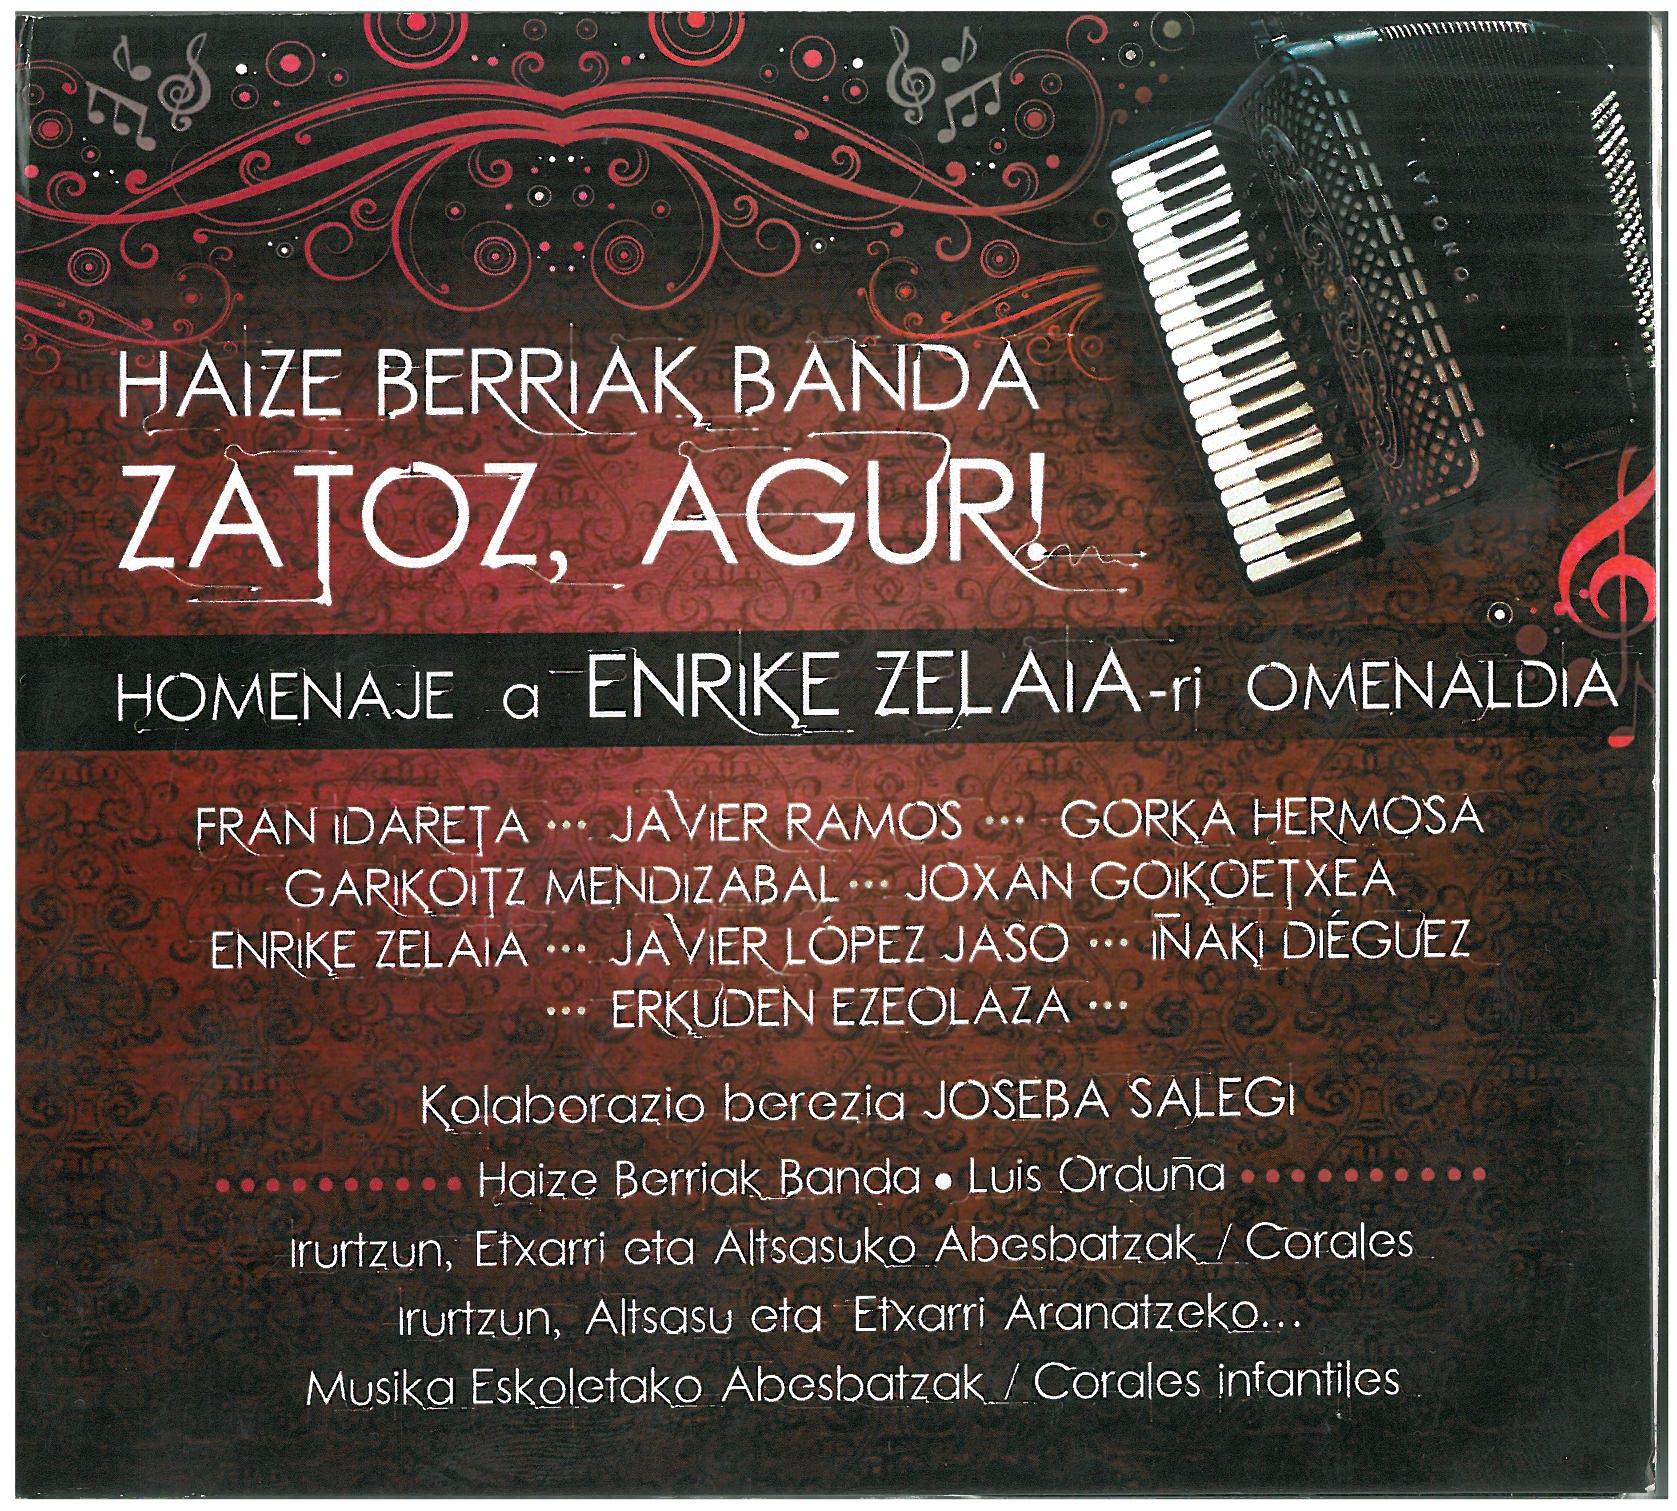 Haize Berriak Banda. Zator Agur¡ Homenaje a Enrike Zelaia